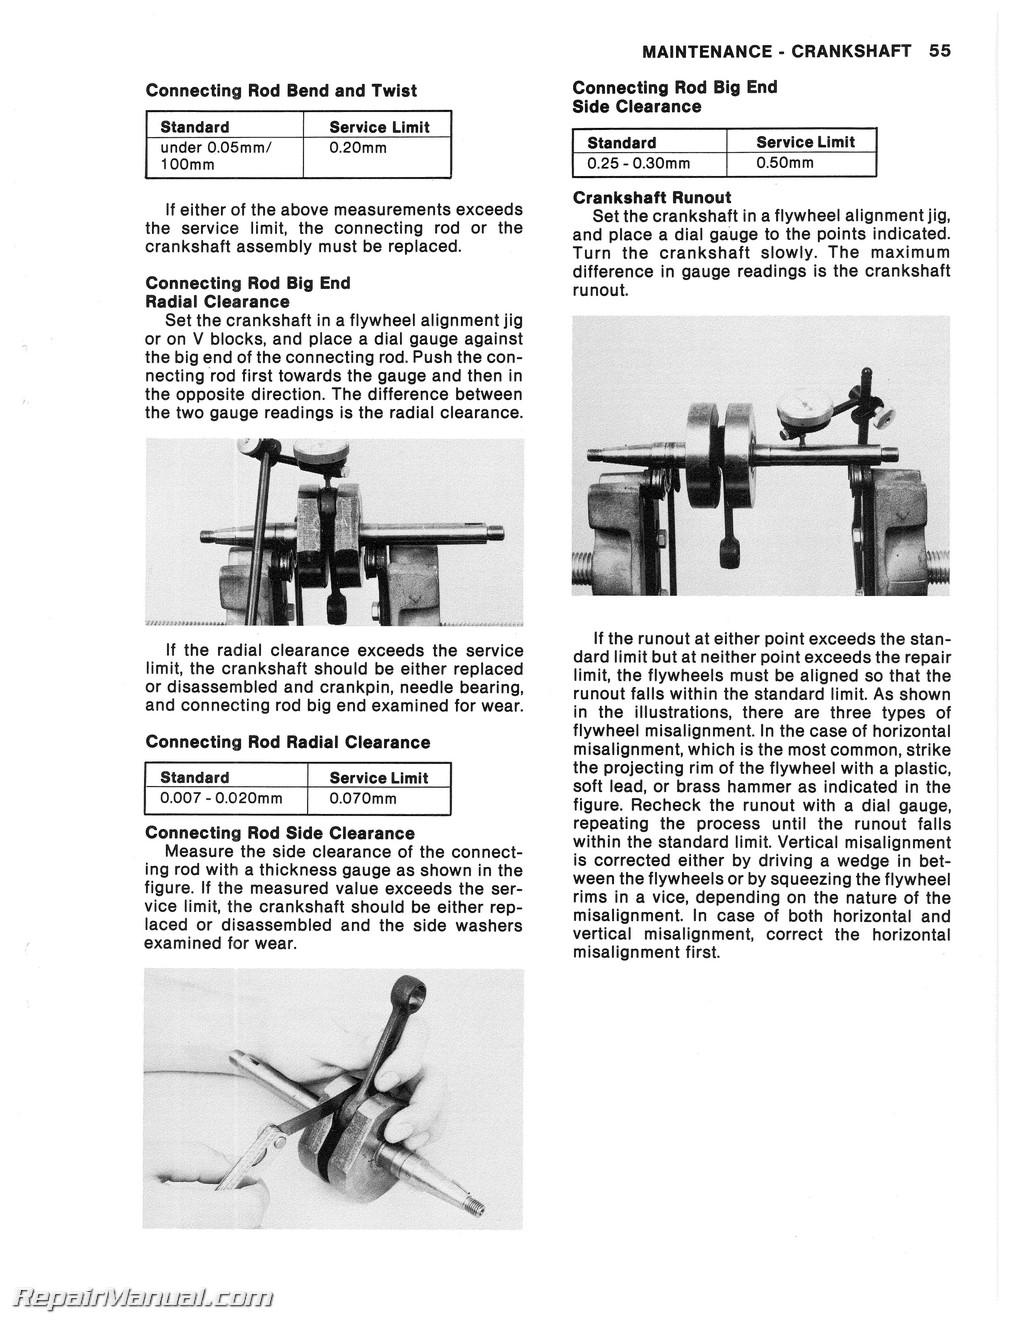 kawasaki kv75 wiring diagram 1971-1980 kawasaki mt1 kv75 motorcycle service manual ...